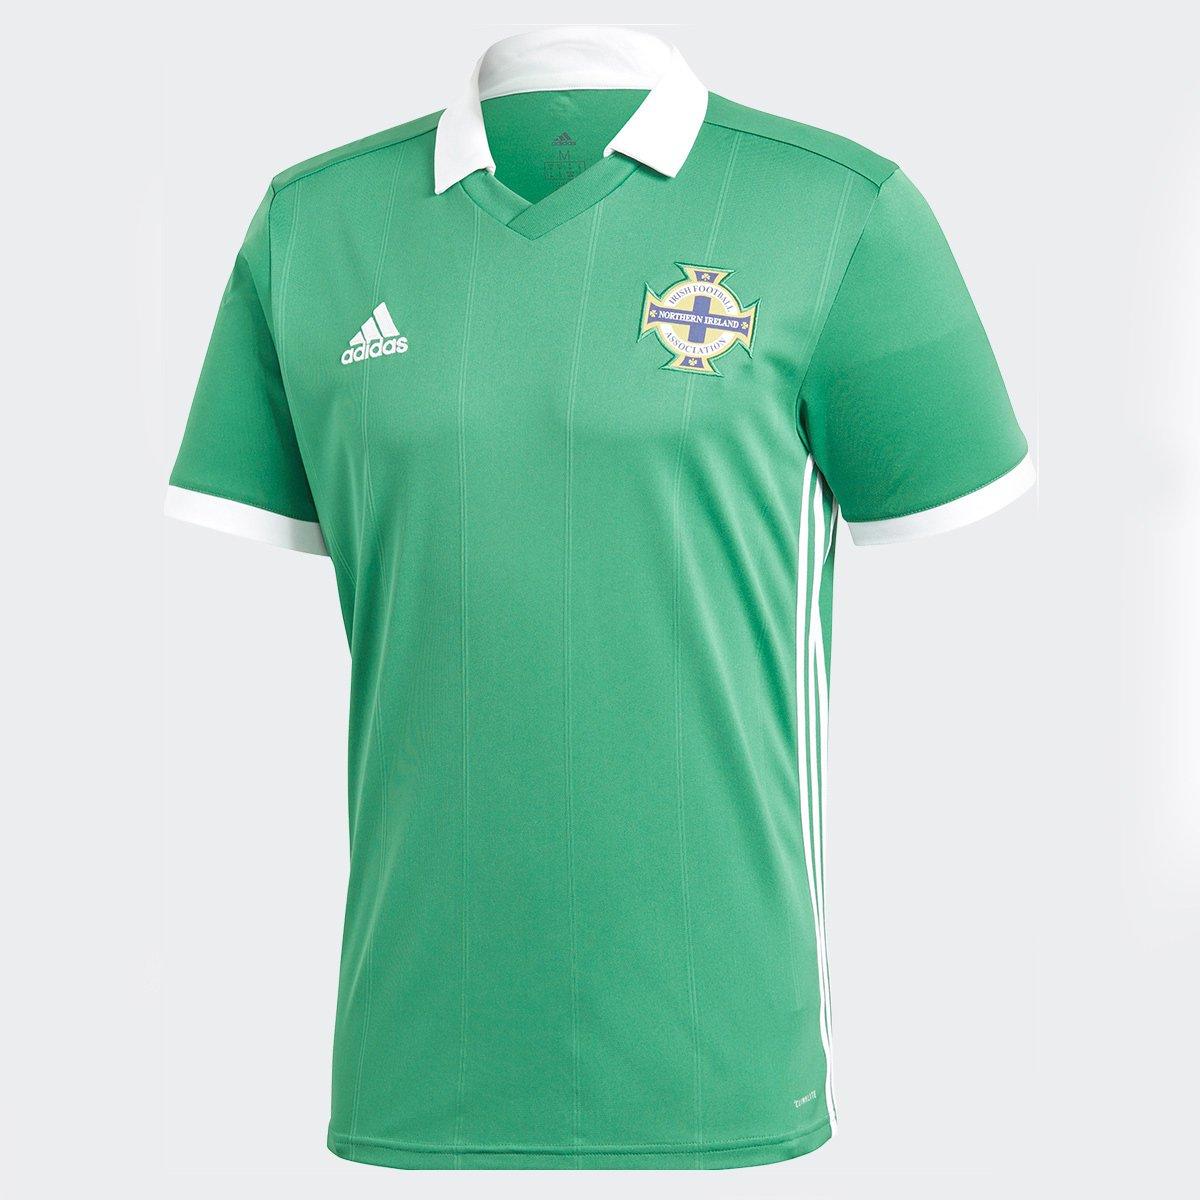 37b8ddbd195b5 Camisa Seleção Irlanda do Norte Home 17 18 s n° - Torcedor Adidas Masculina  - Verde - Compre Agora